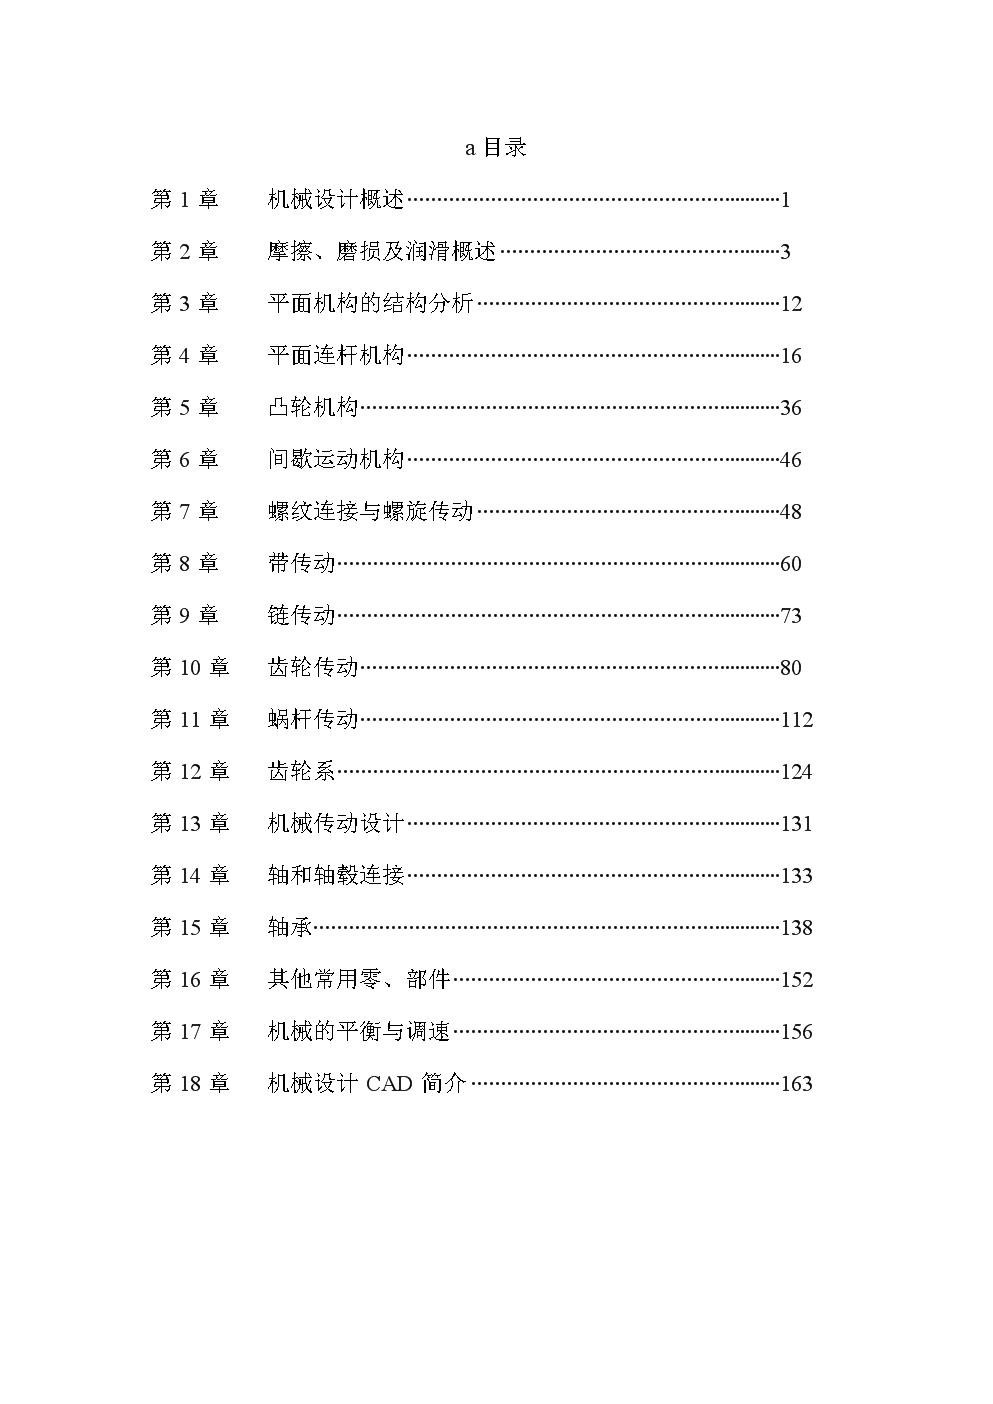 大师v大师基础(陈立德第三版)课后答案(章全)详哥特式建筑设计机械图片